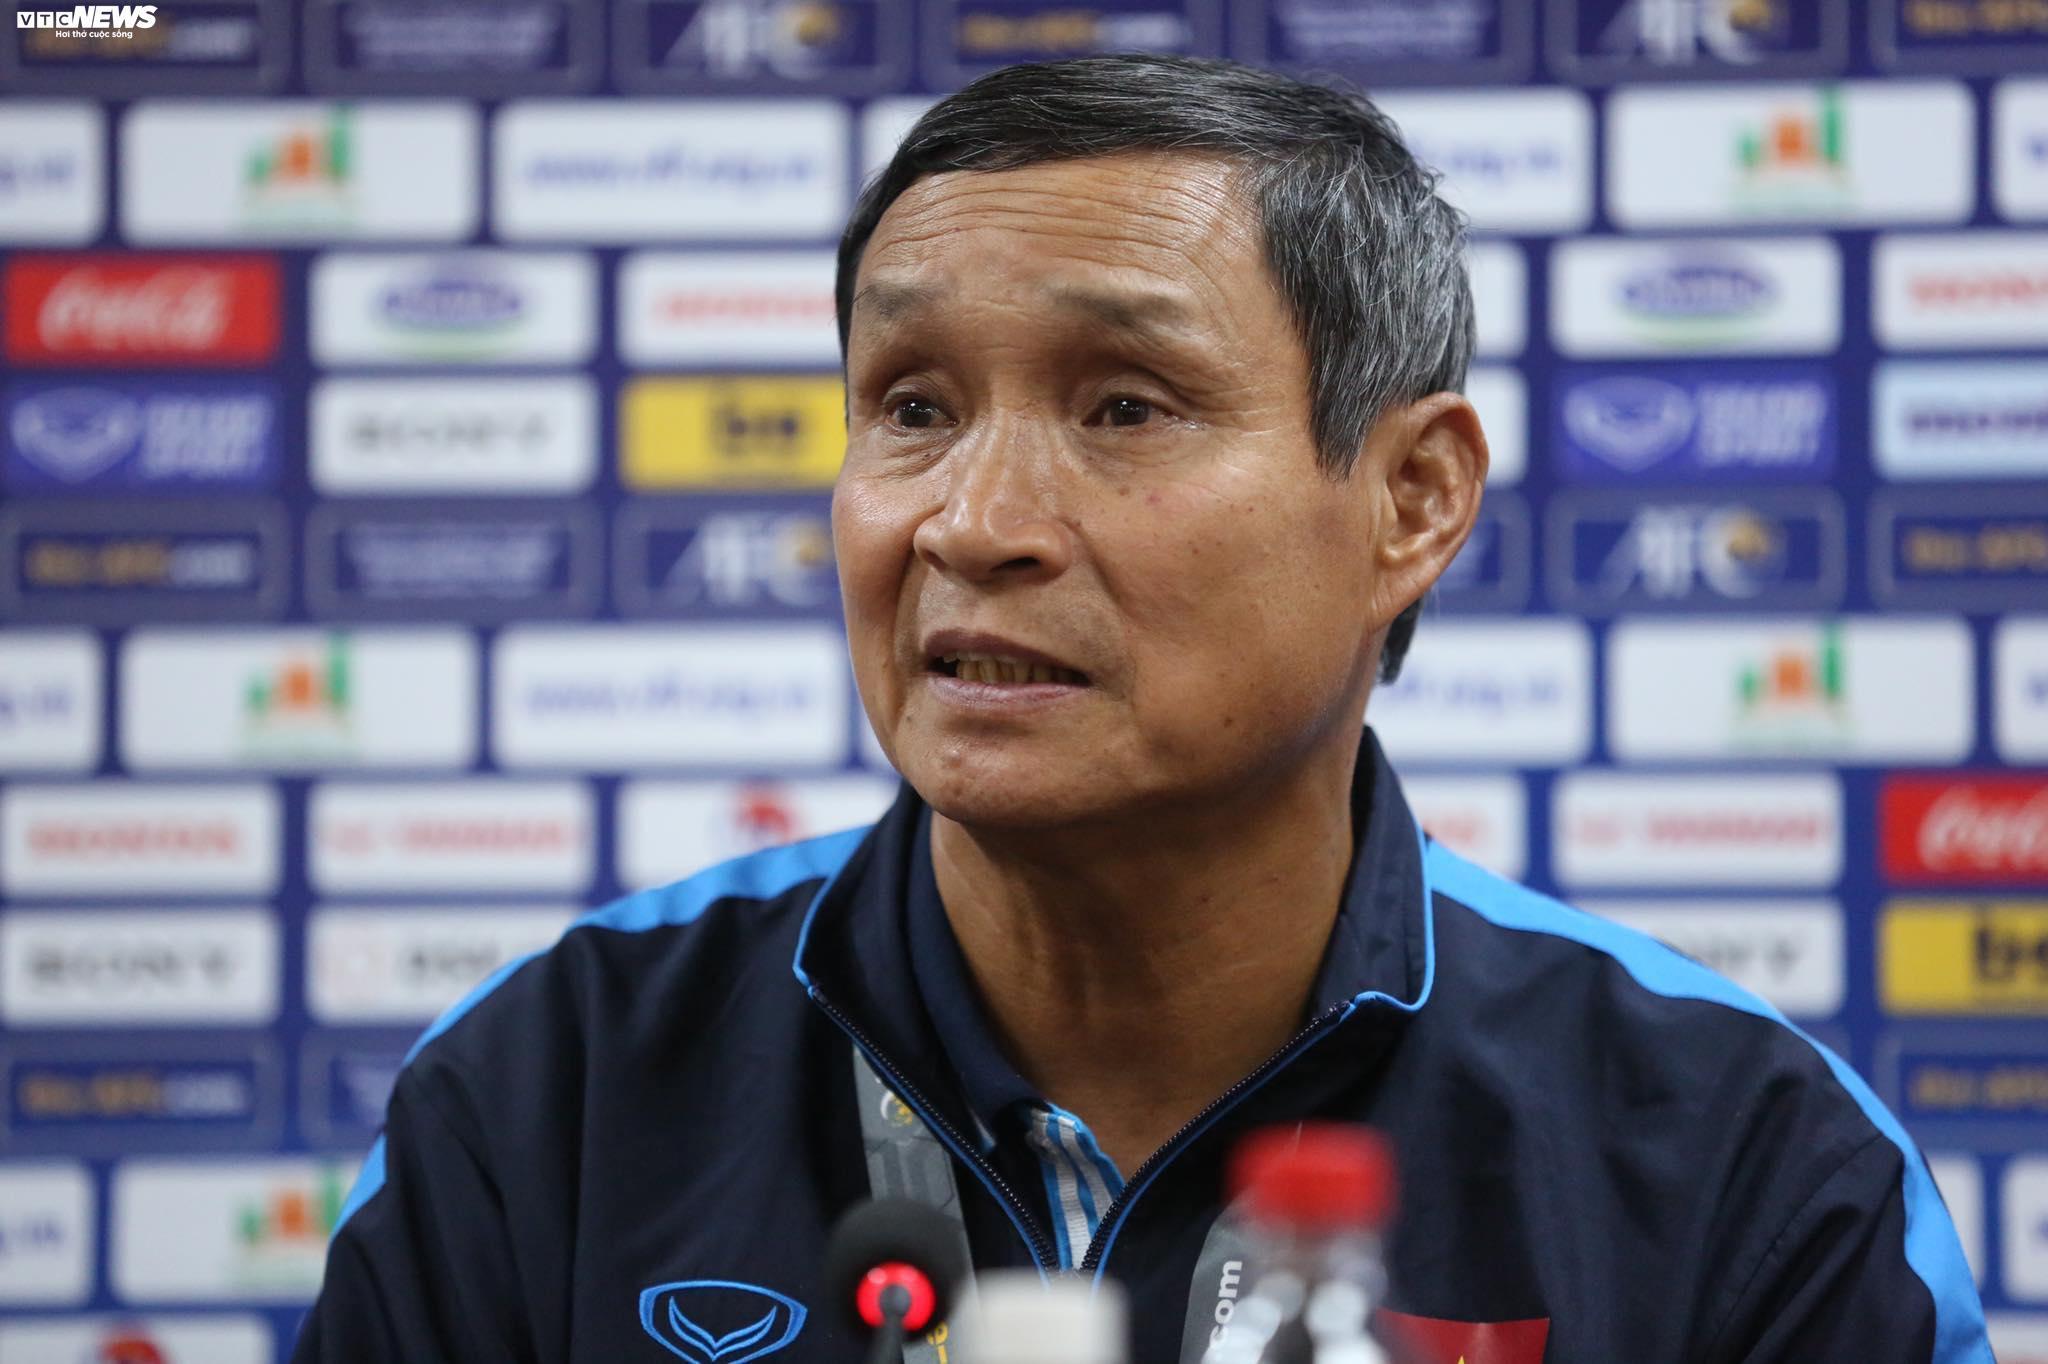 HLV Mai Đức Chung chỉ cách giúp tuyển nữ Việt Nam chơi xuất thần trước Australia